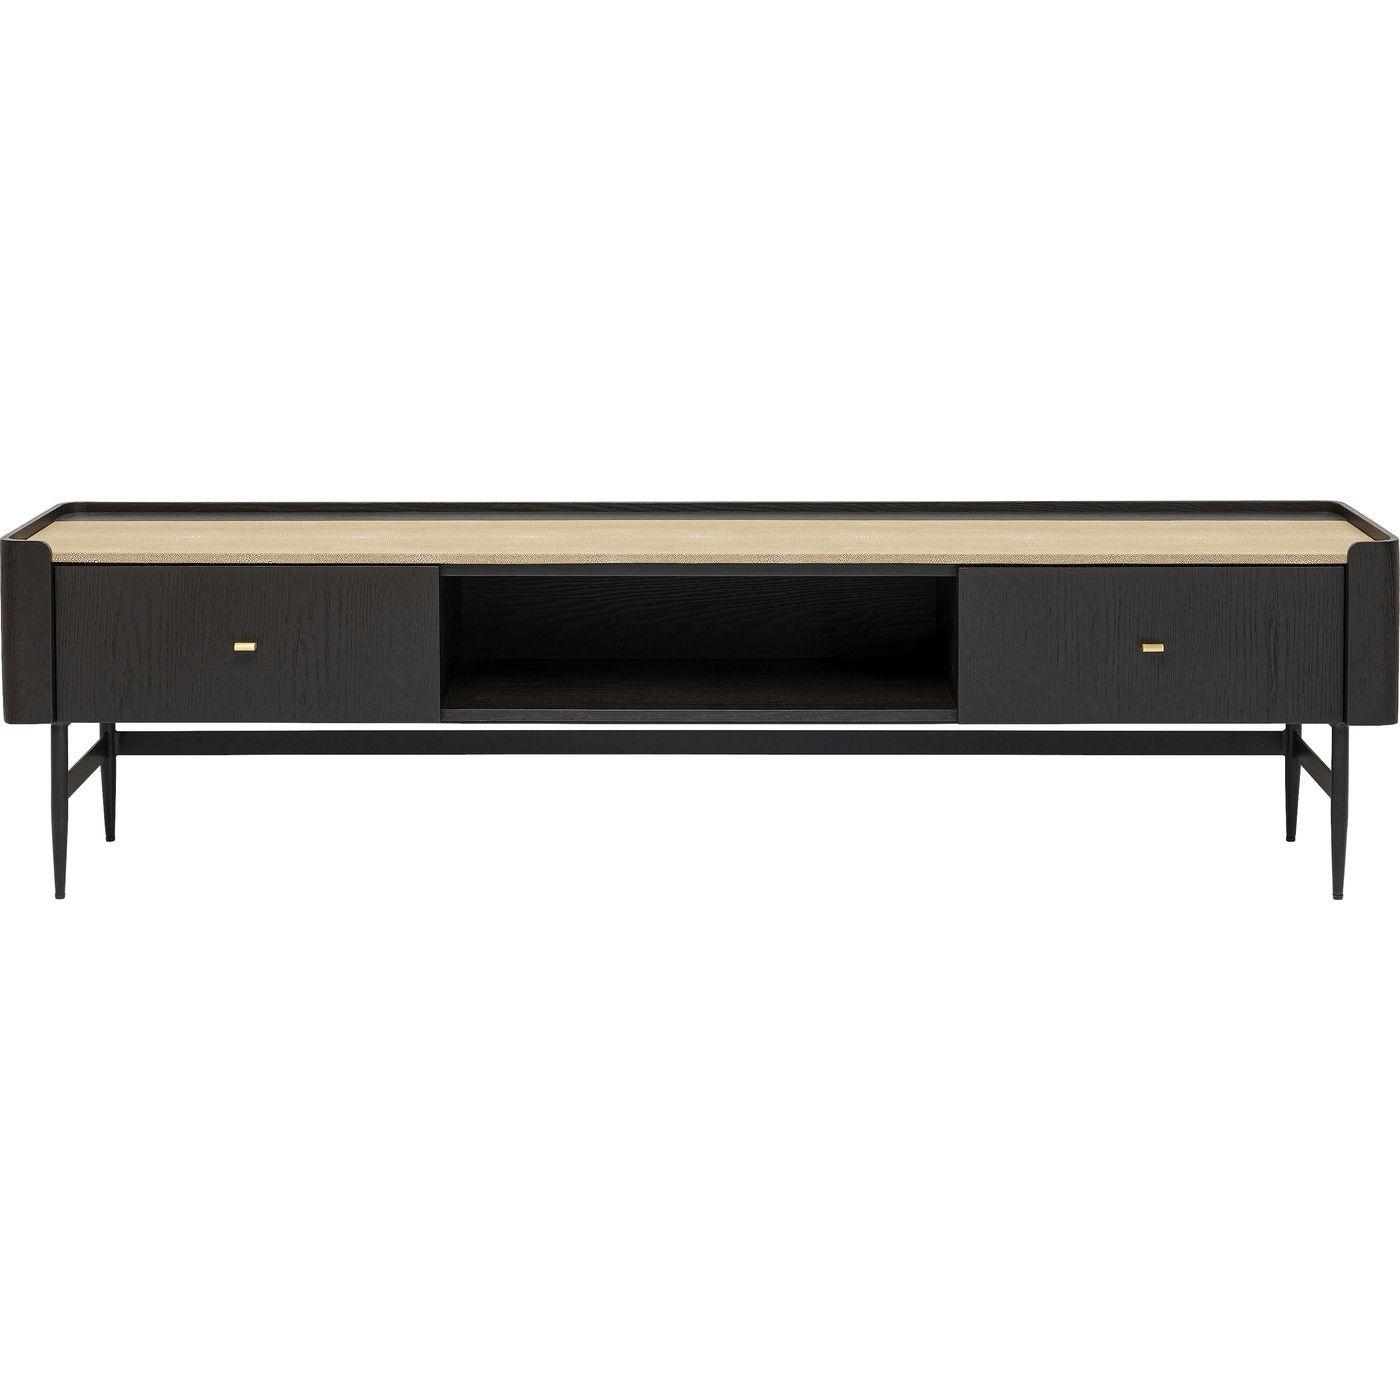 Meuble TV 2 tiroirs en peuplier et chêne brun